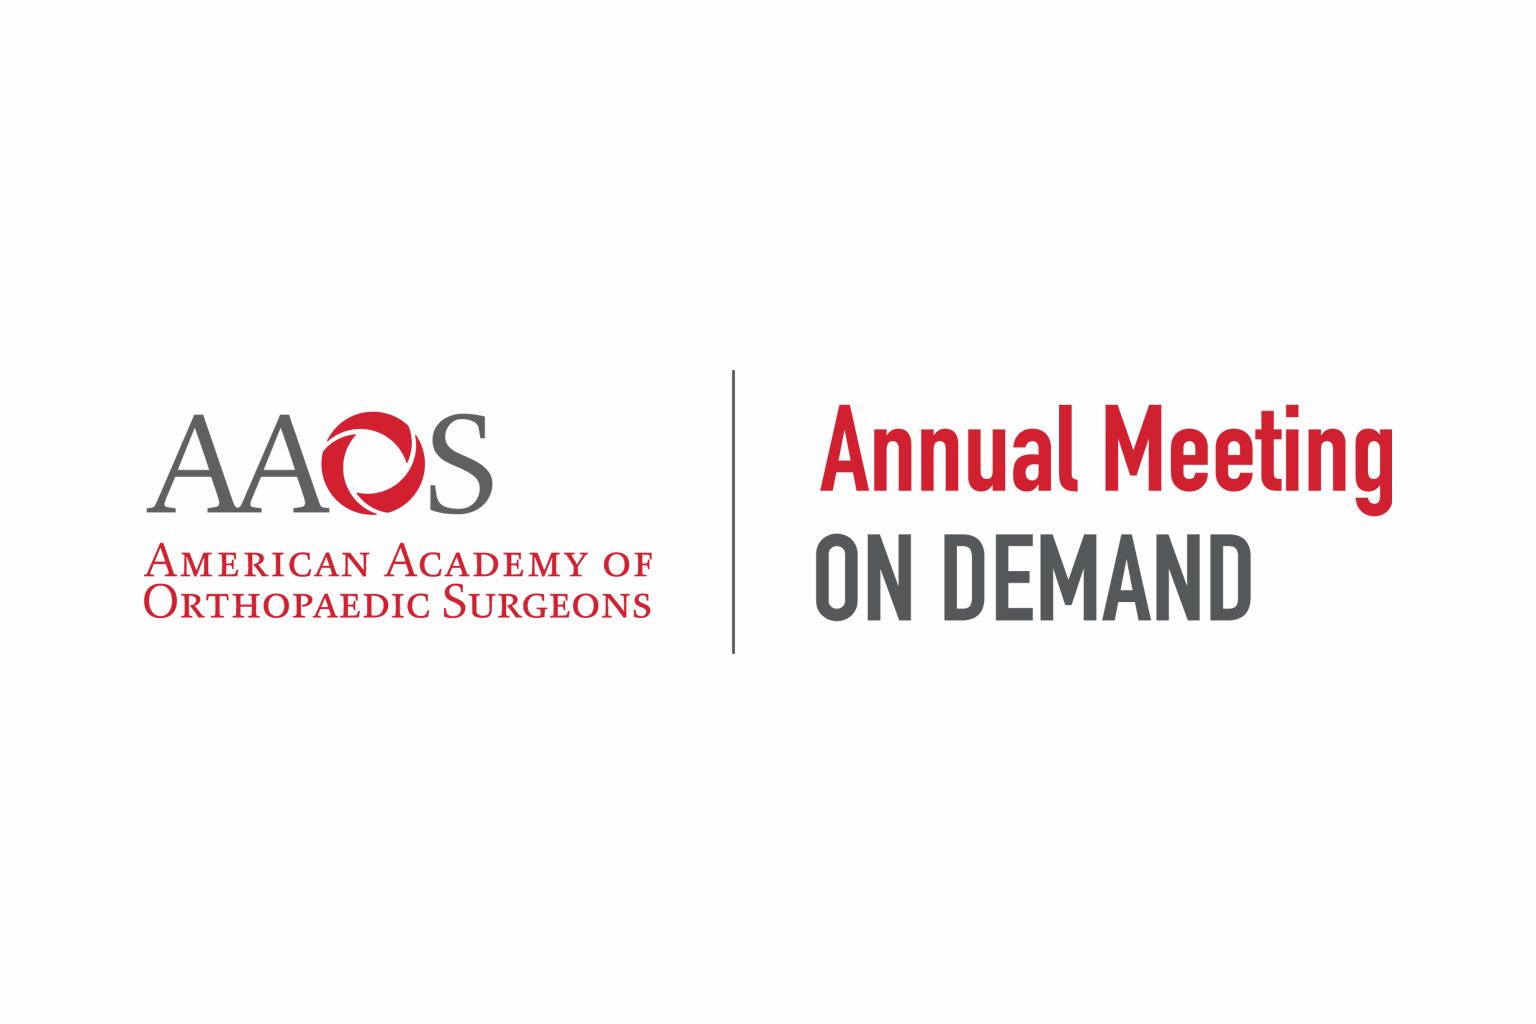 American Academy of Orthopaedic Surgeons OnDemand logo